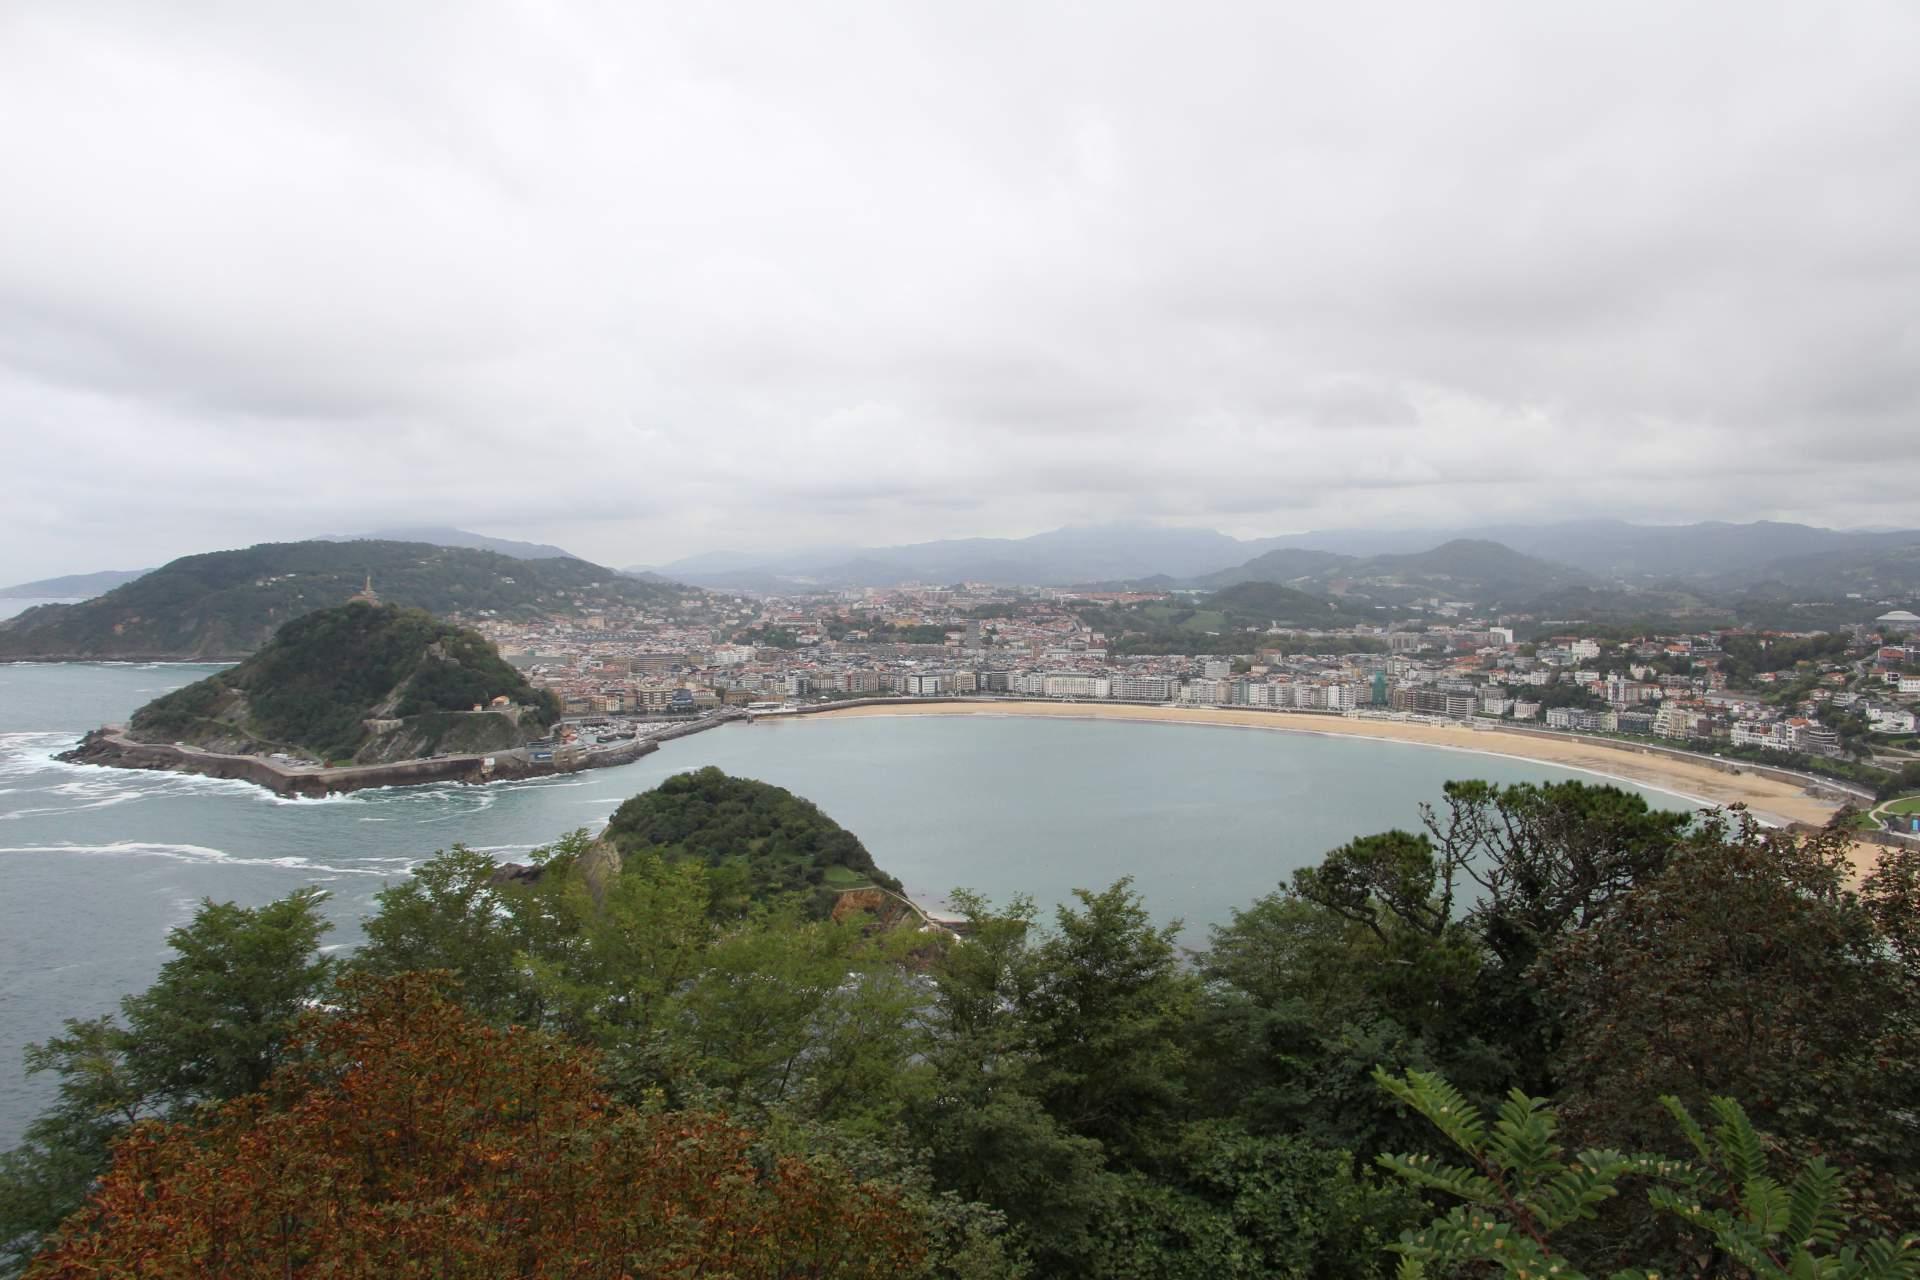 La Concha Igueldo San Sebastian